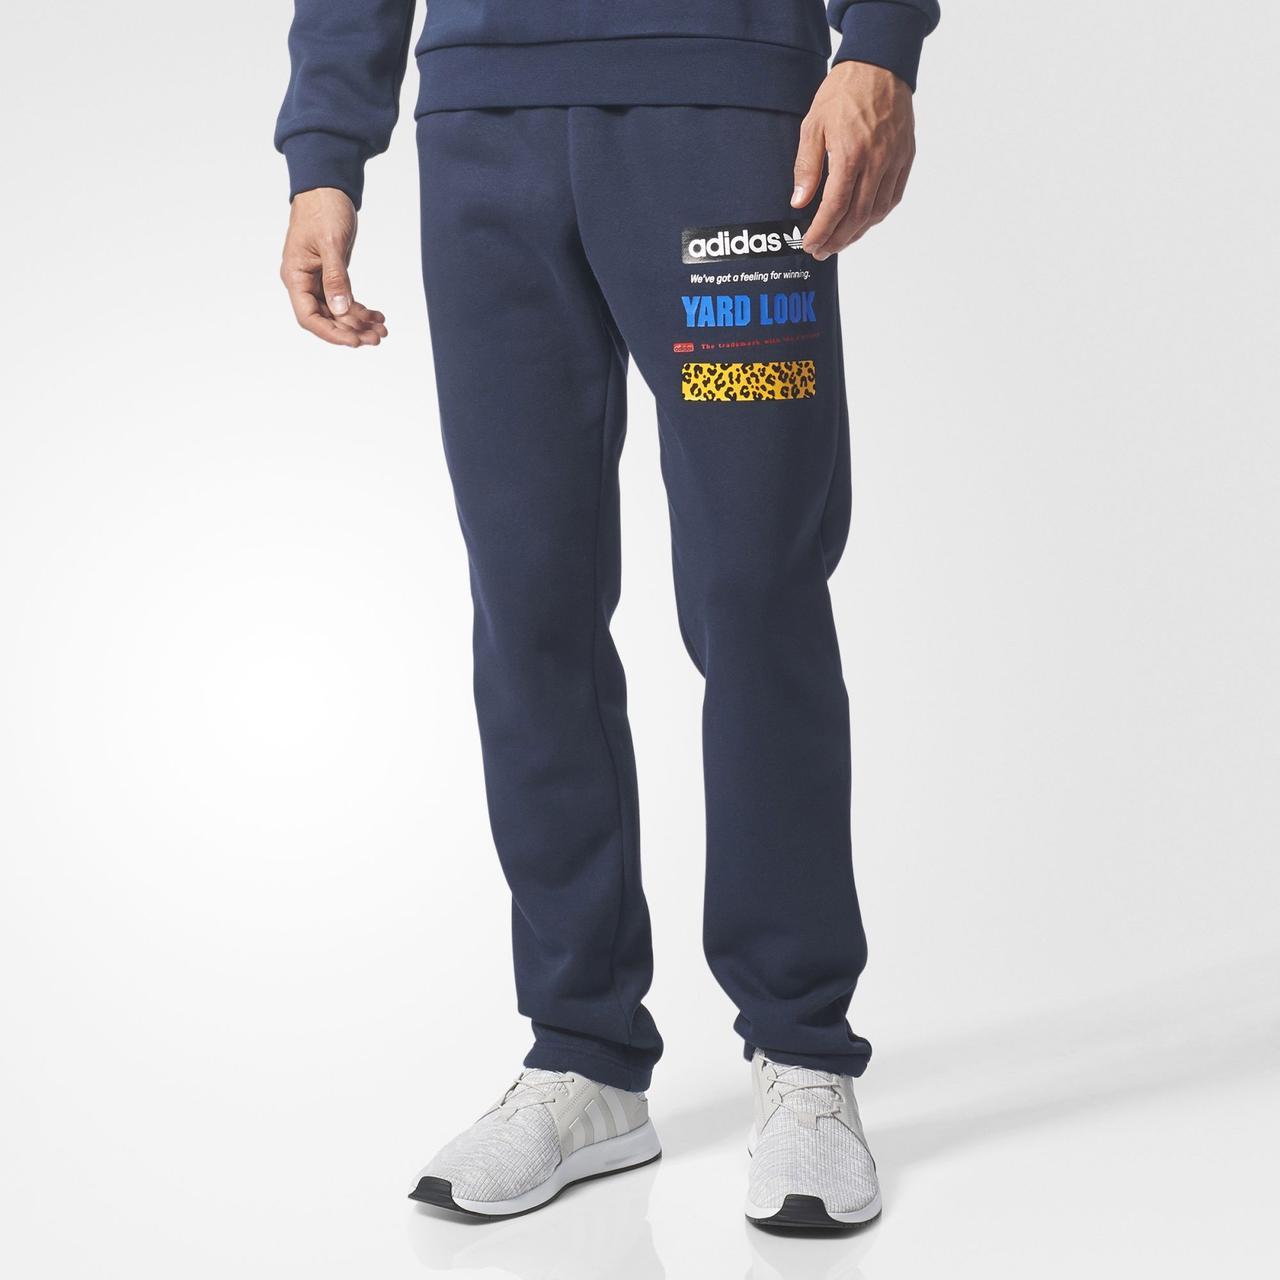 Мужские брюки Adidas Originals Street Graphic (Артикул: BS4868)